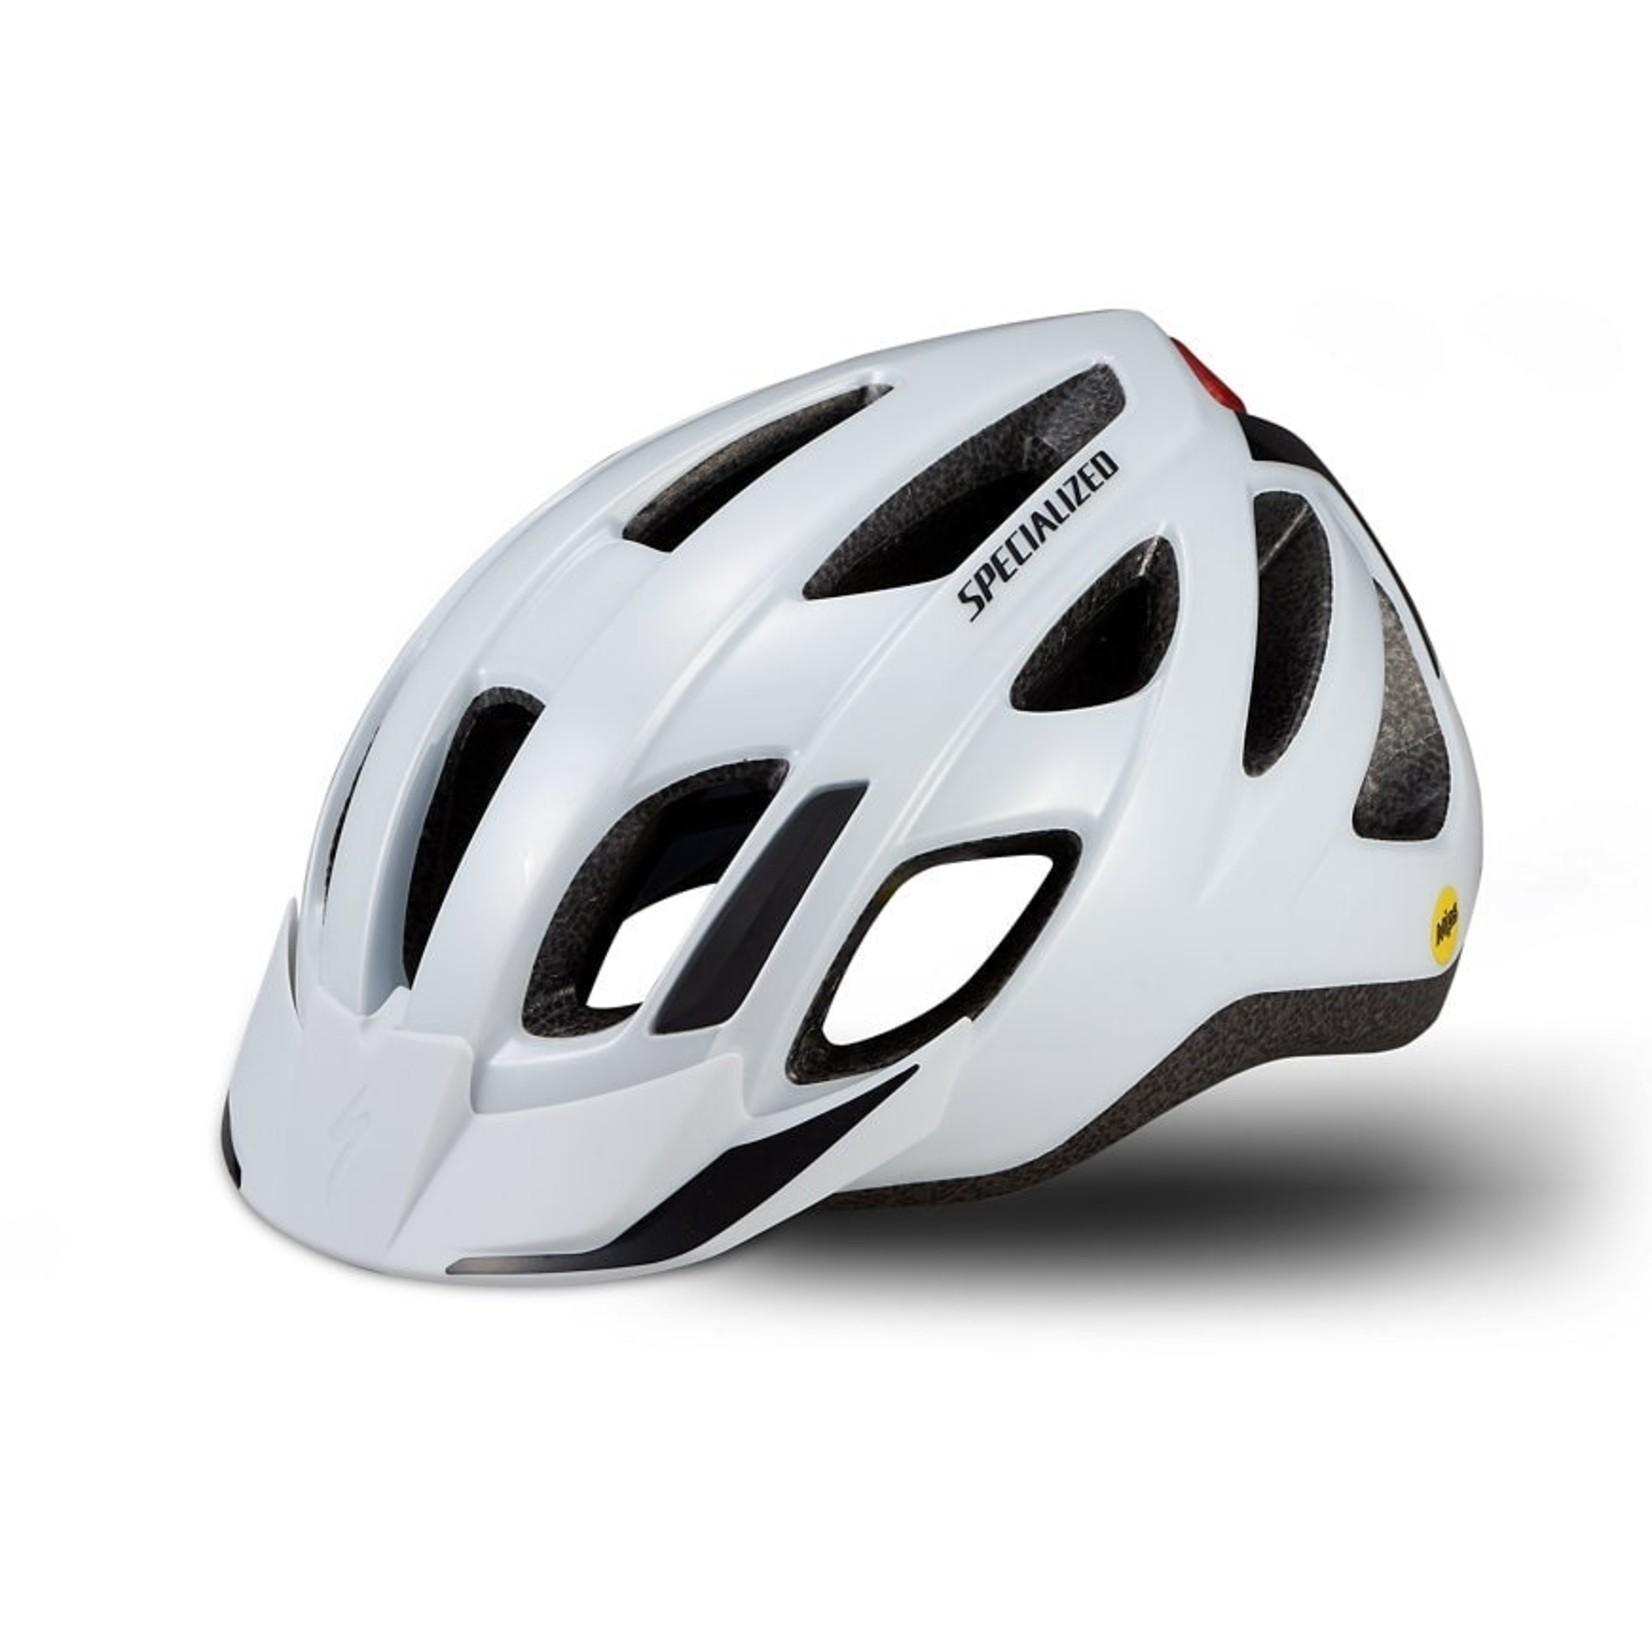 Specialized Specialized Centro LED w/ MIPS Helmet